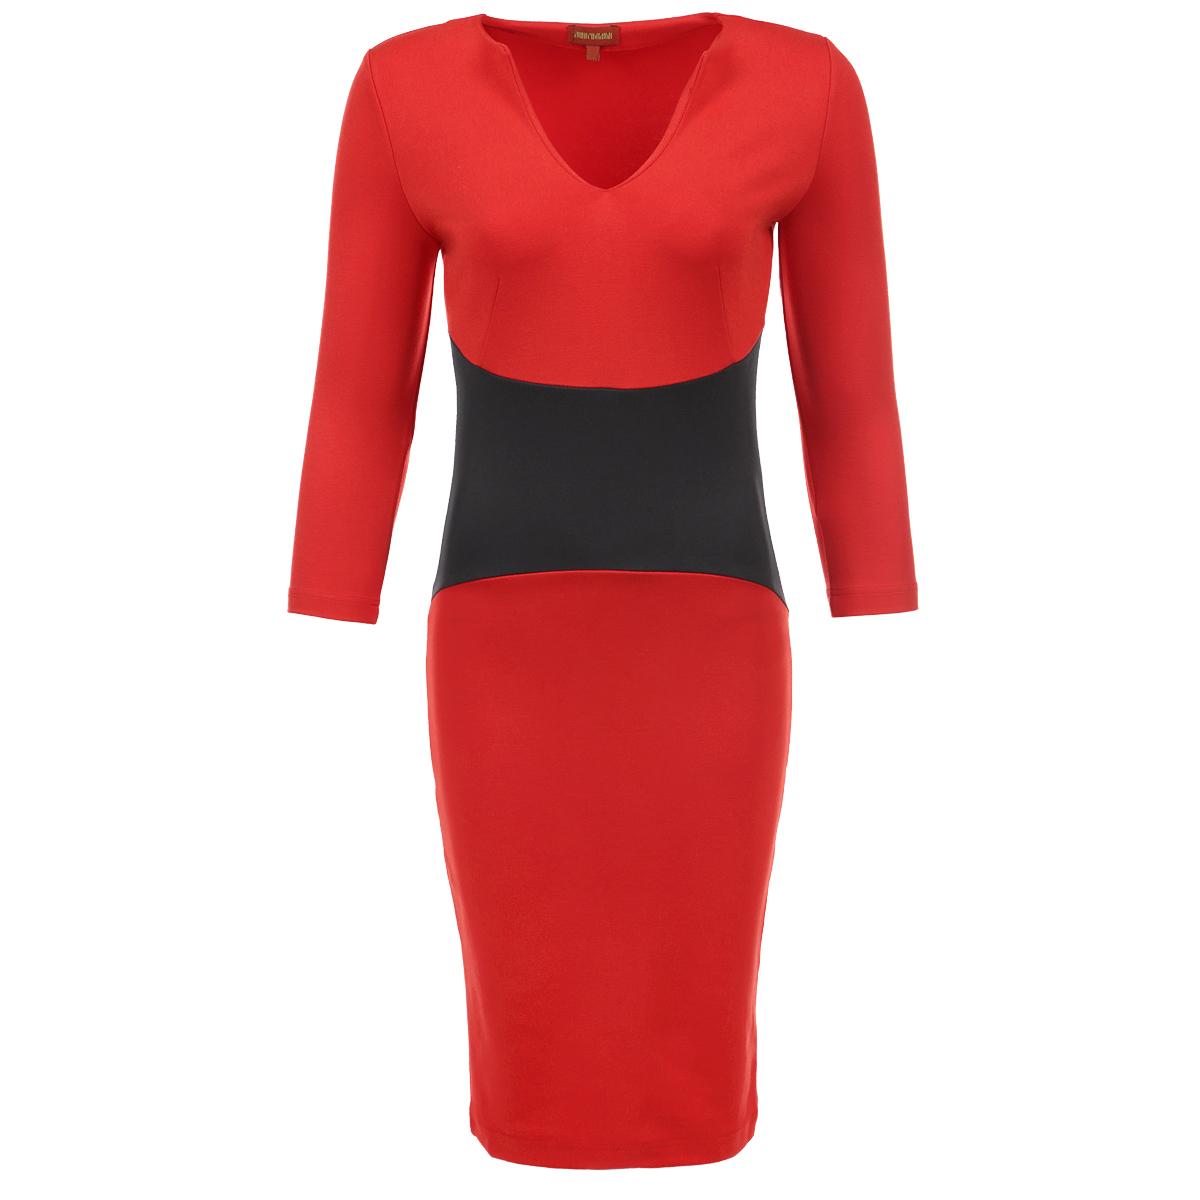 ПлатьеP54D-REAСтильное платье от Анны Чапман выполнено из плотного трикотажа. Платье-футляр лаконичного дизайна с V-образным вырезом горловины и рукавами 3/4. Модель приталенного кроя, на талии широкая вставка контрастного цвета. Бесподобный силуэт выгодно подчеркнет достоинства фигуры. Элегантное платье – воплощение безупречного вкуса.